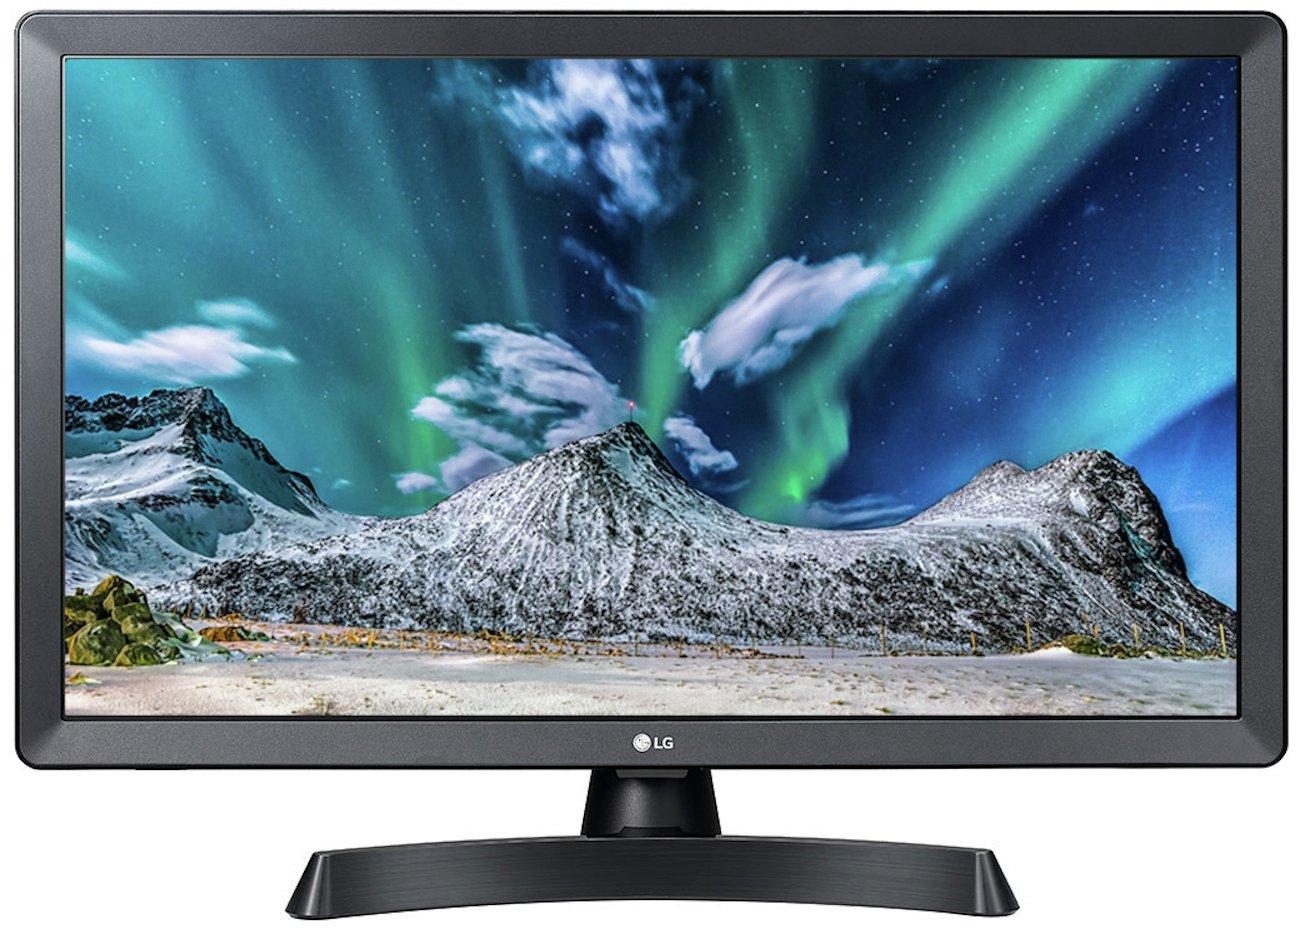 LG 28 Inch 28TL510V HD Ready TV Monitor